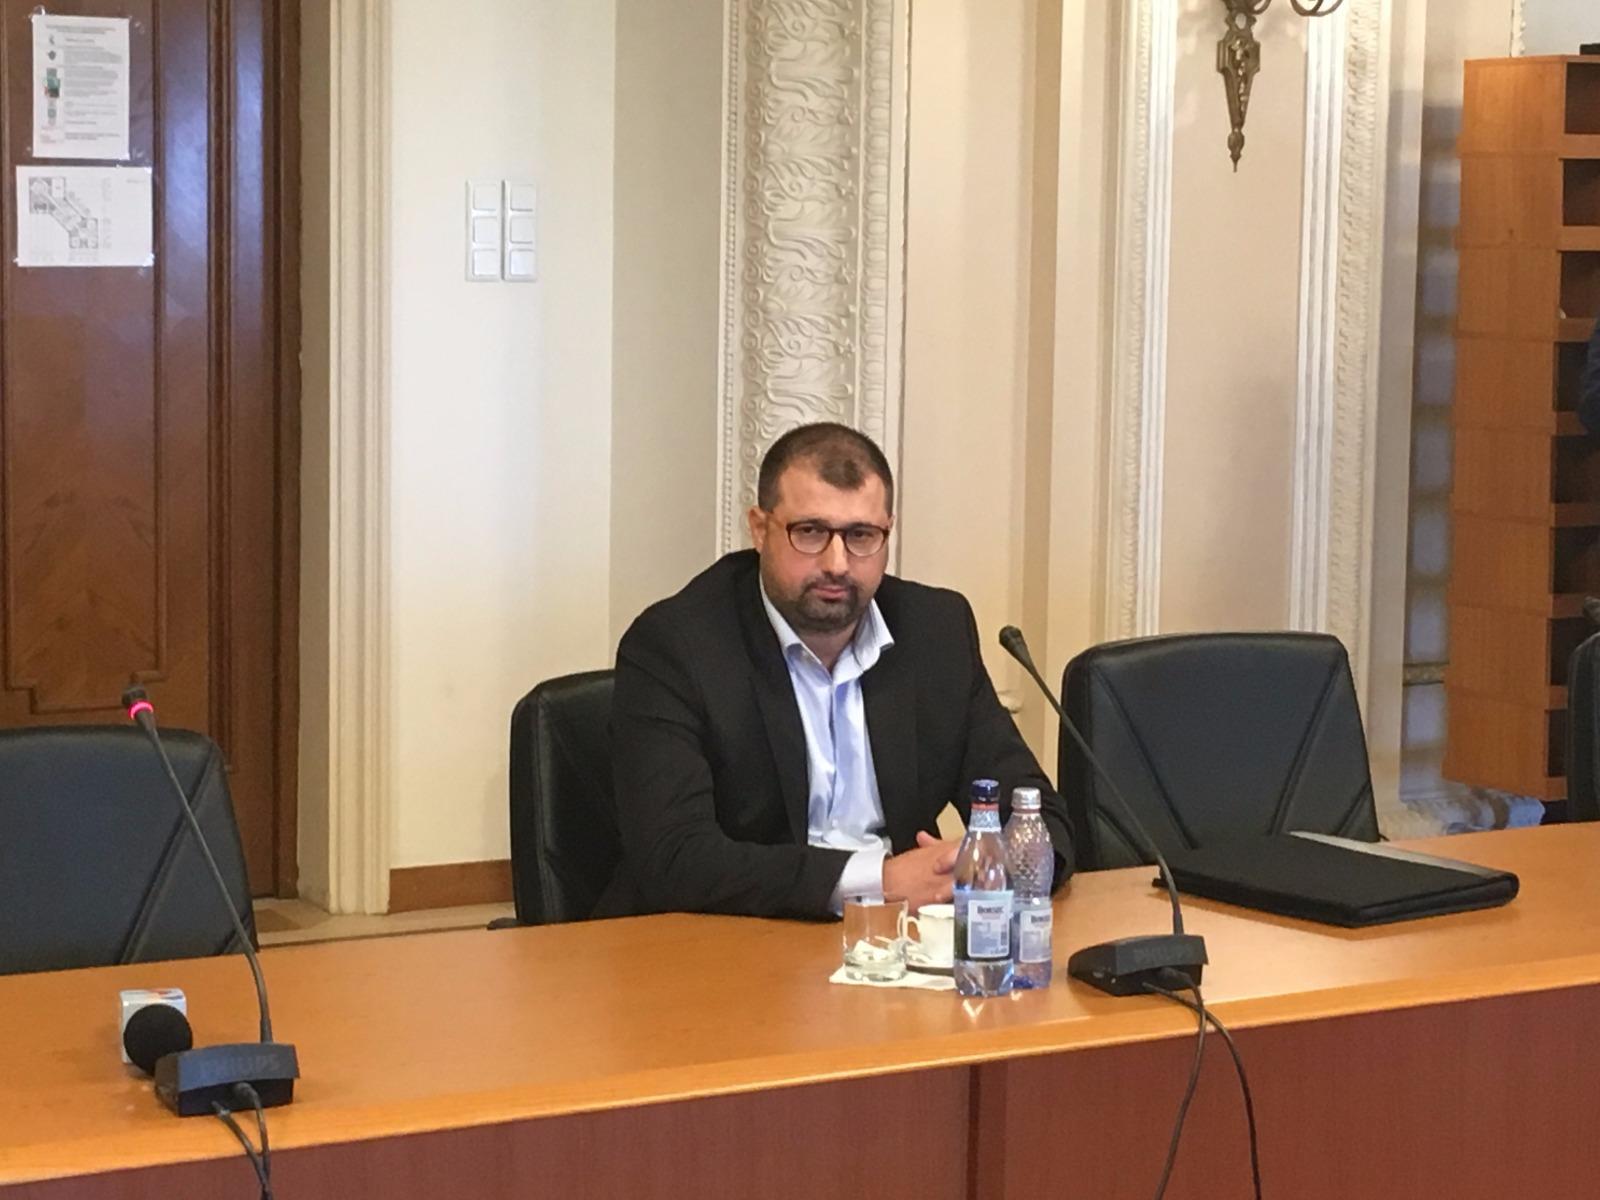 Fostul colonel SRI Daniel Dragomir a lăsat Comisiei SRI o listă cu 65 persoane ce ar trebui audiate pentru a-i proba spusele